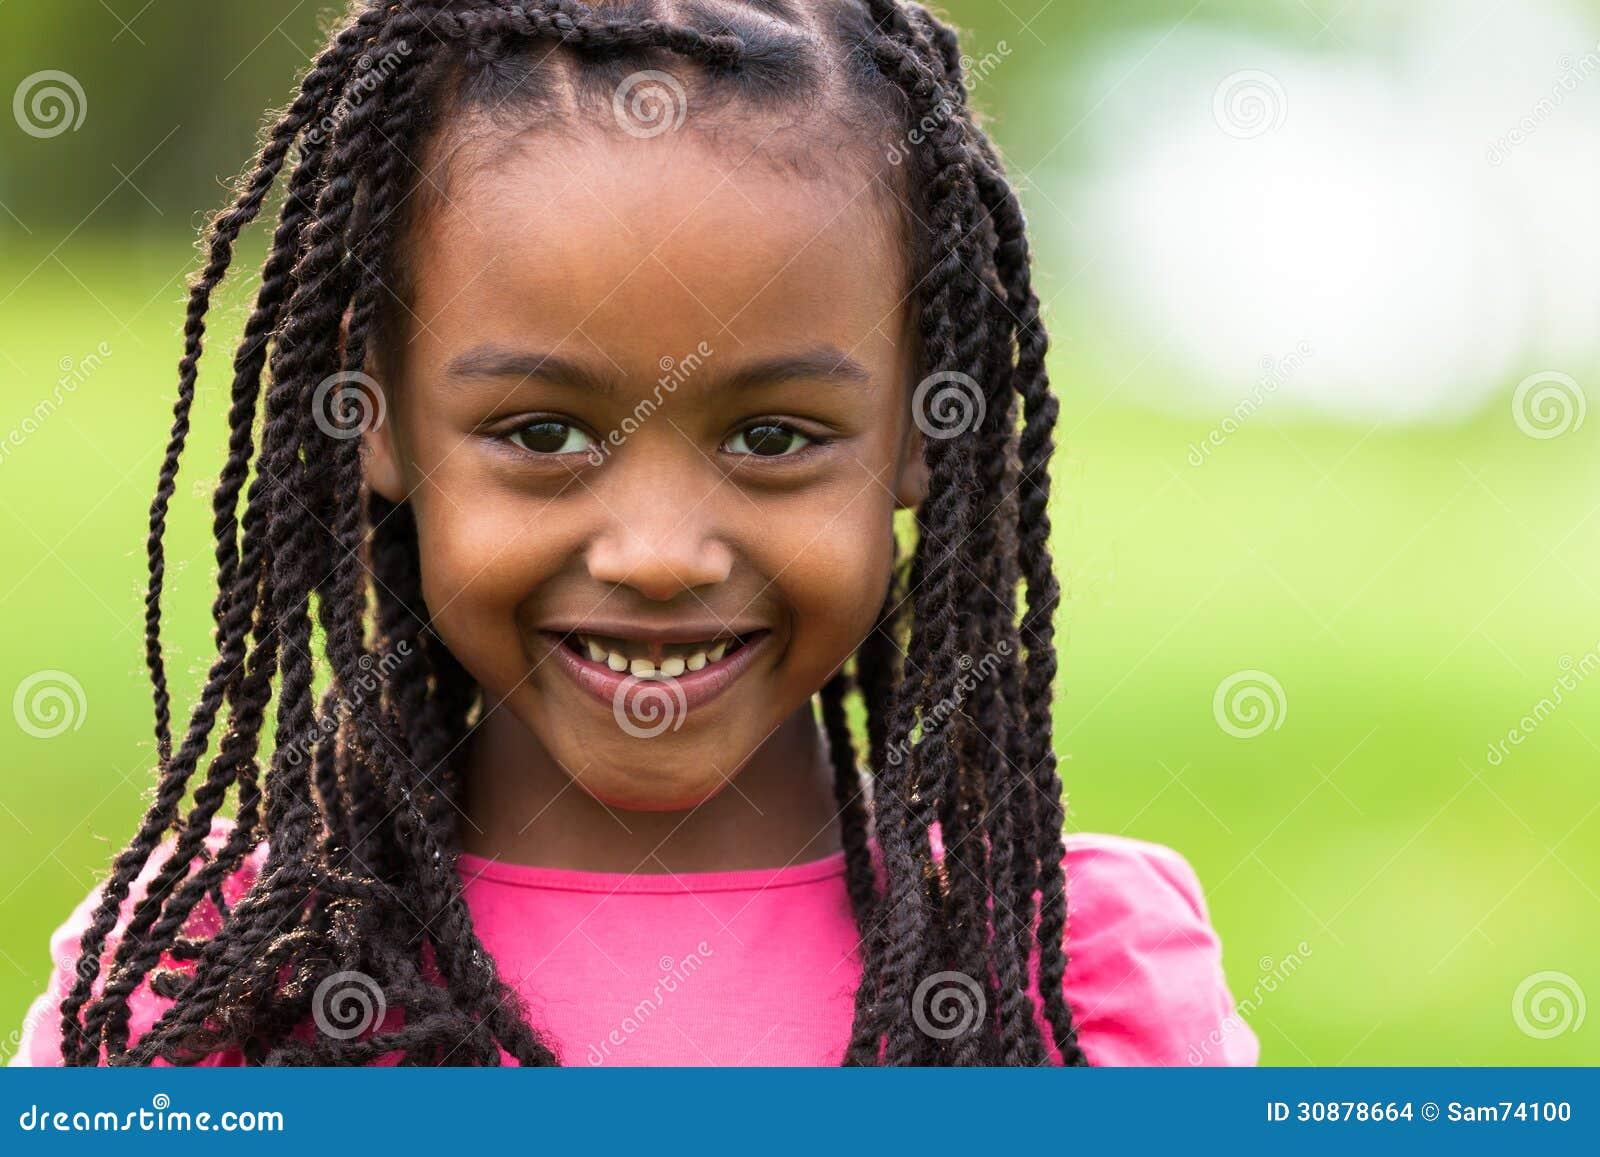 black girls close cute pussy